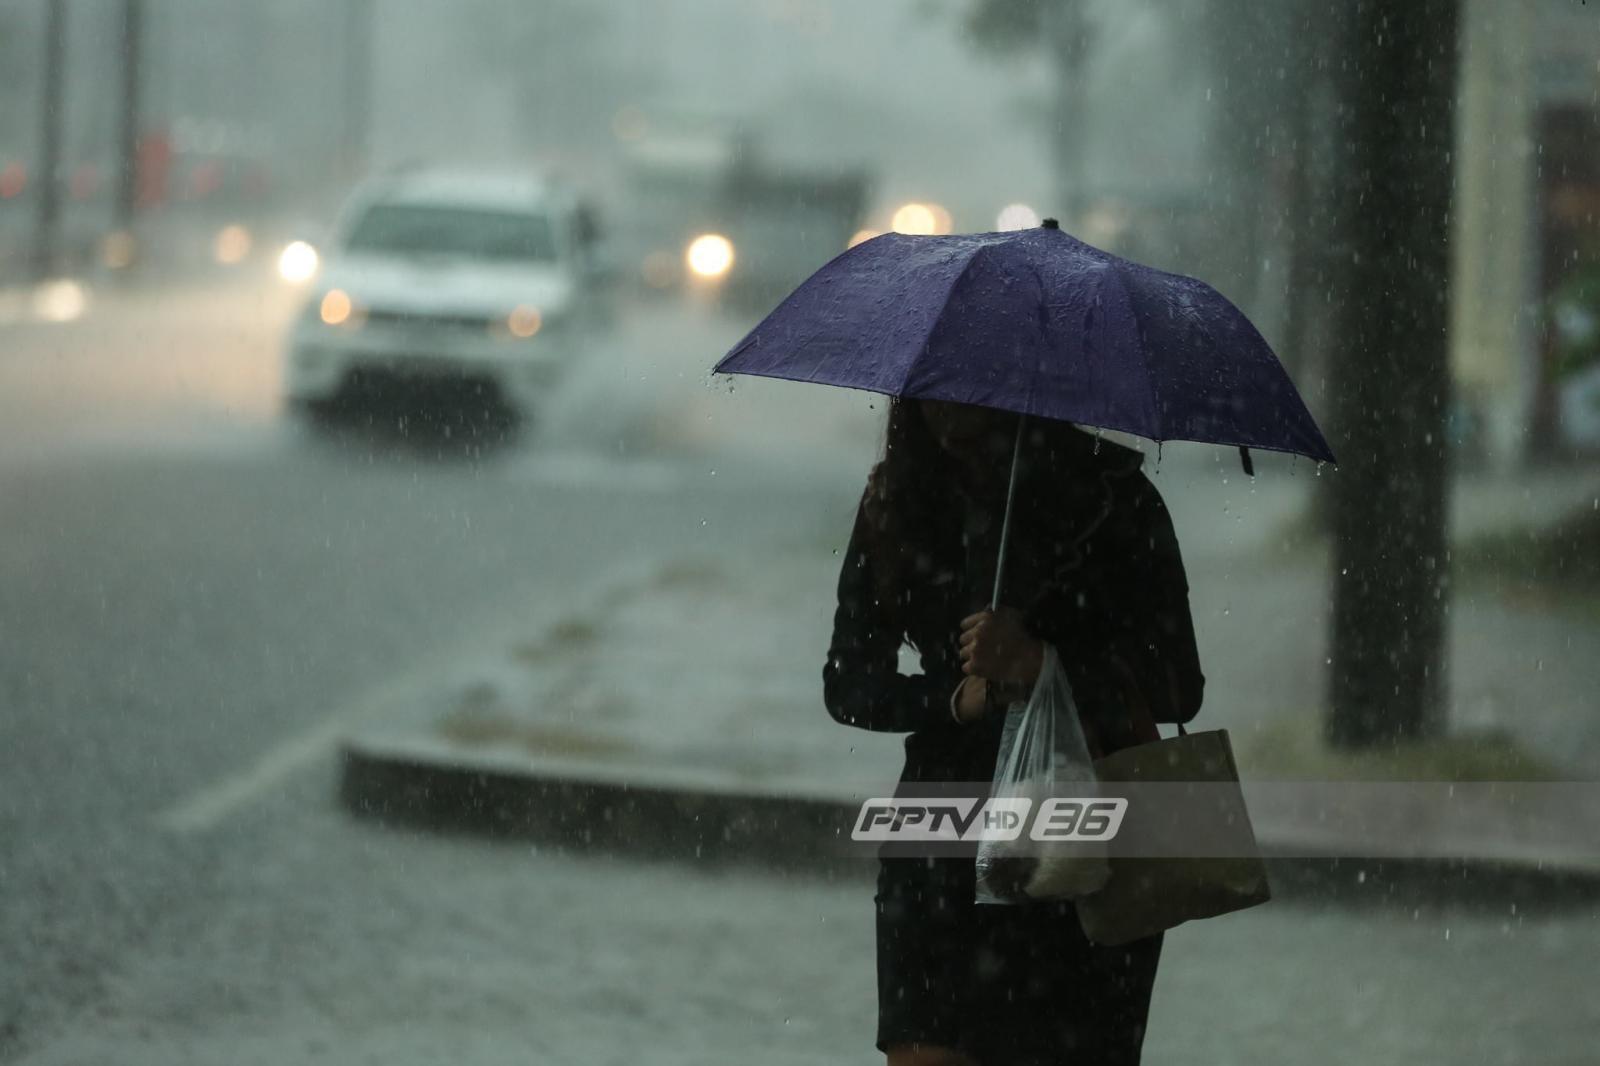 อุตุฯ เตือนปชช.รับมือฝนตกหนักเกือบทั่วประเทศ